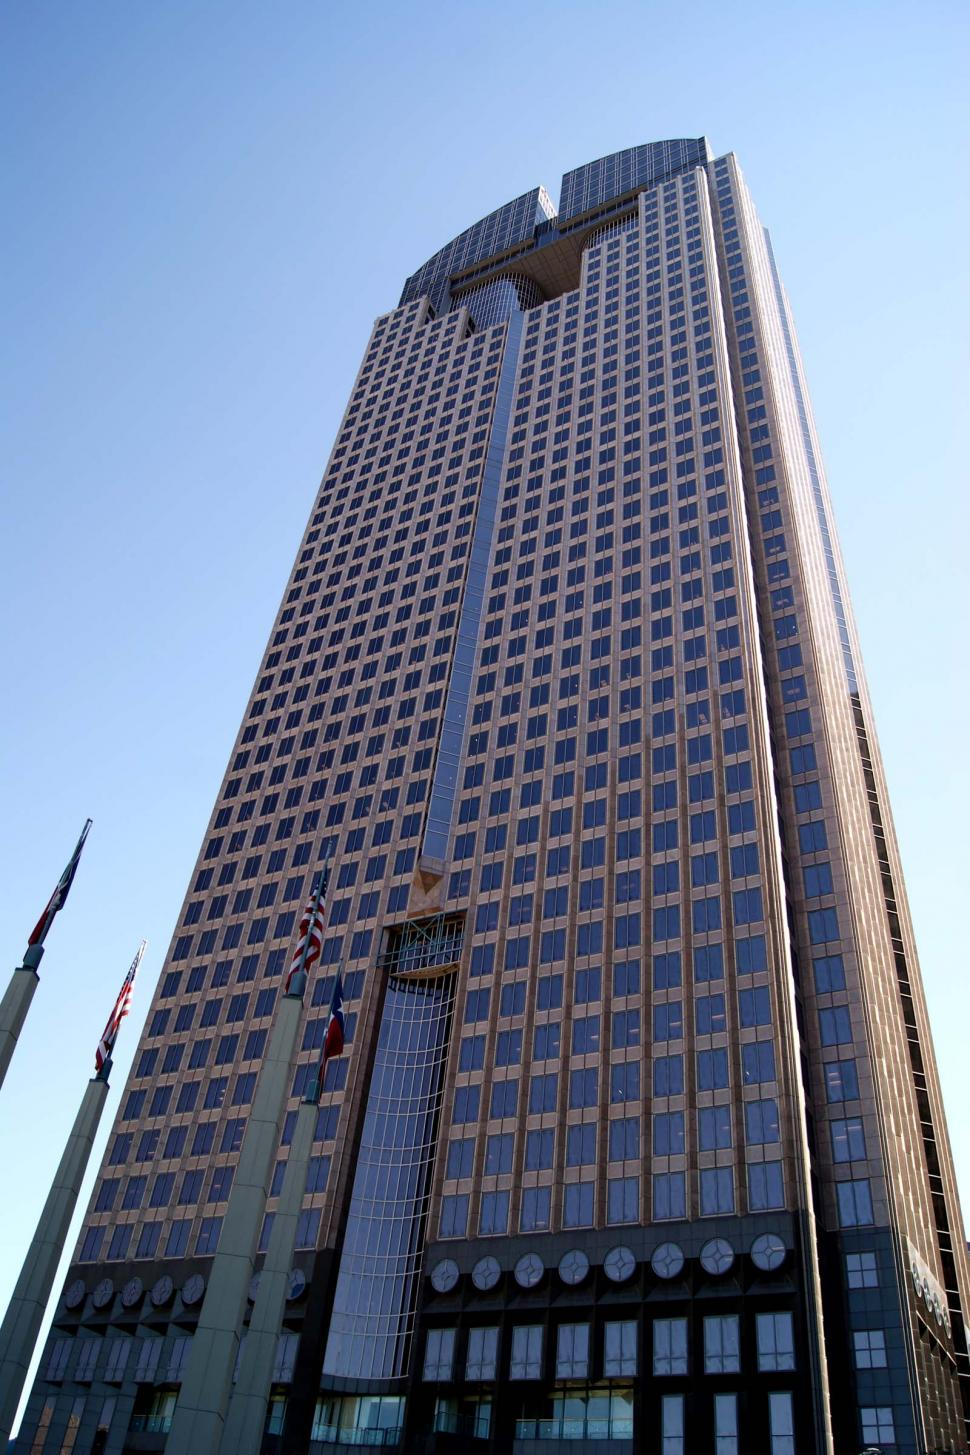 Download Free Stock HD Photo of Skyscraper in Dallas Texas Online